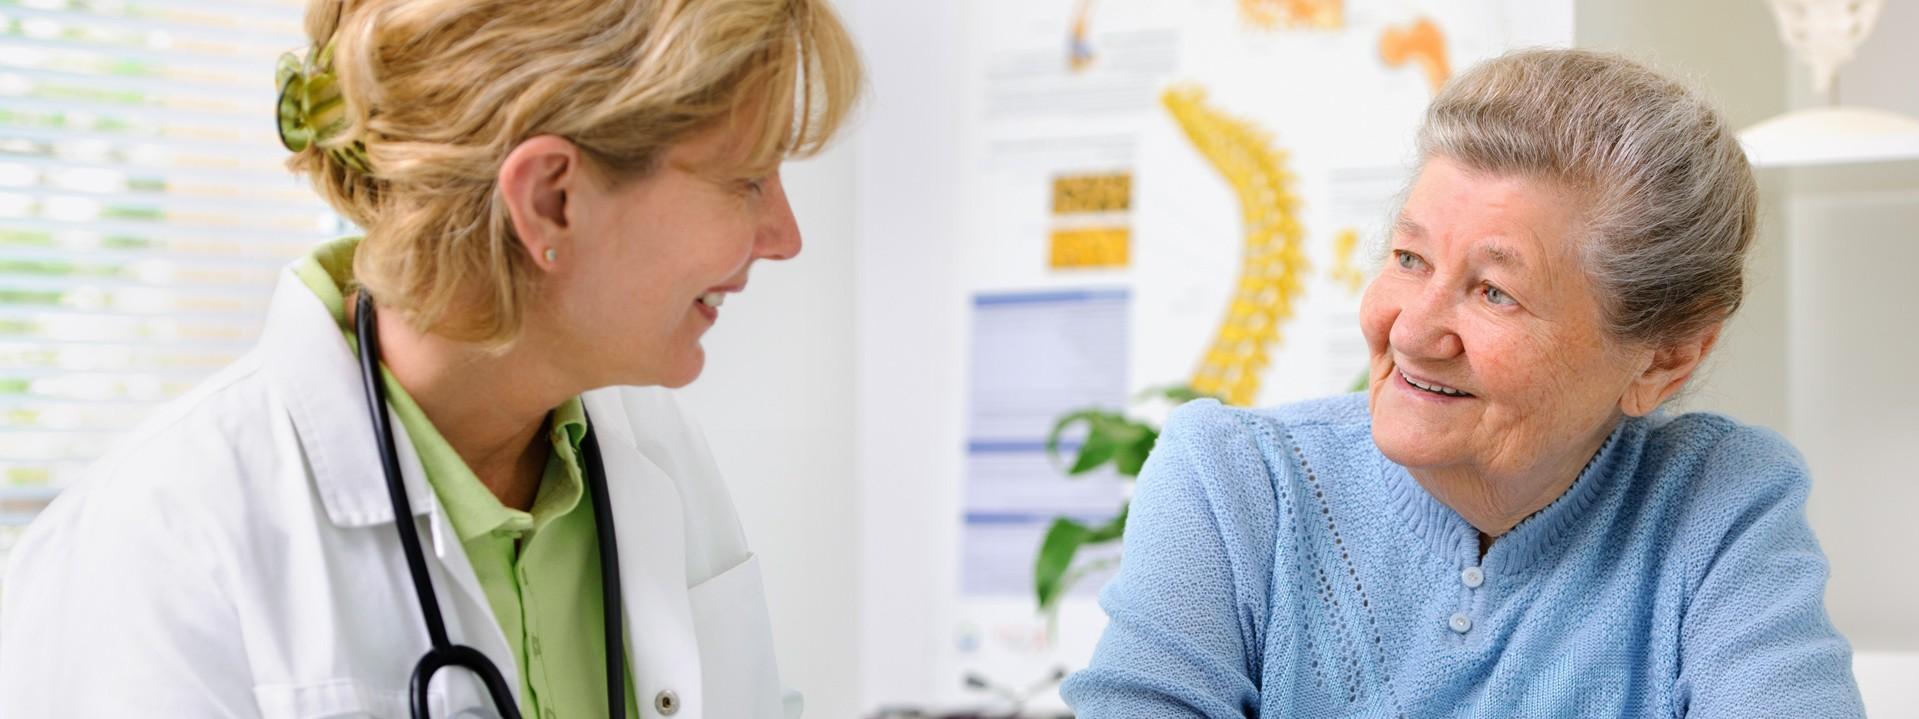 Eine Seniorin im blauen Pullover sitzt in einem Behandlungszimmer einer Ärztin gegenüber. Beide lächeln sich an.